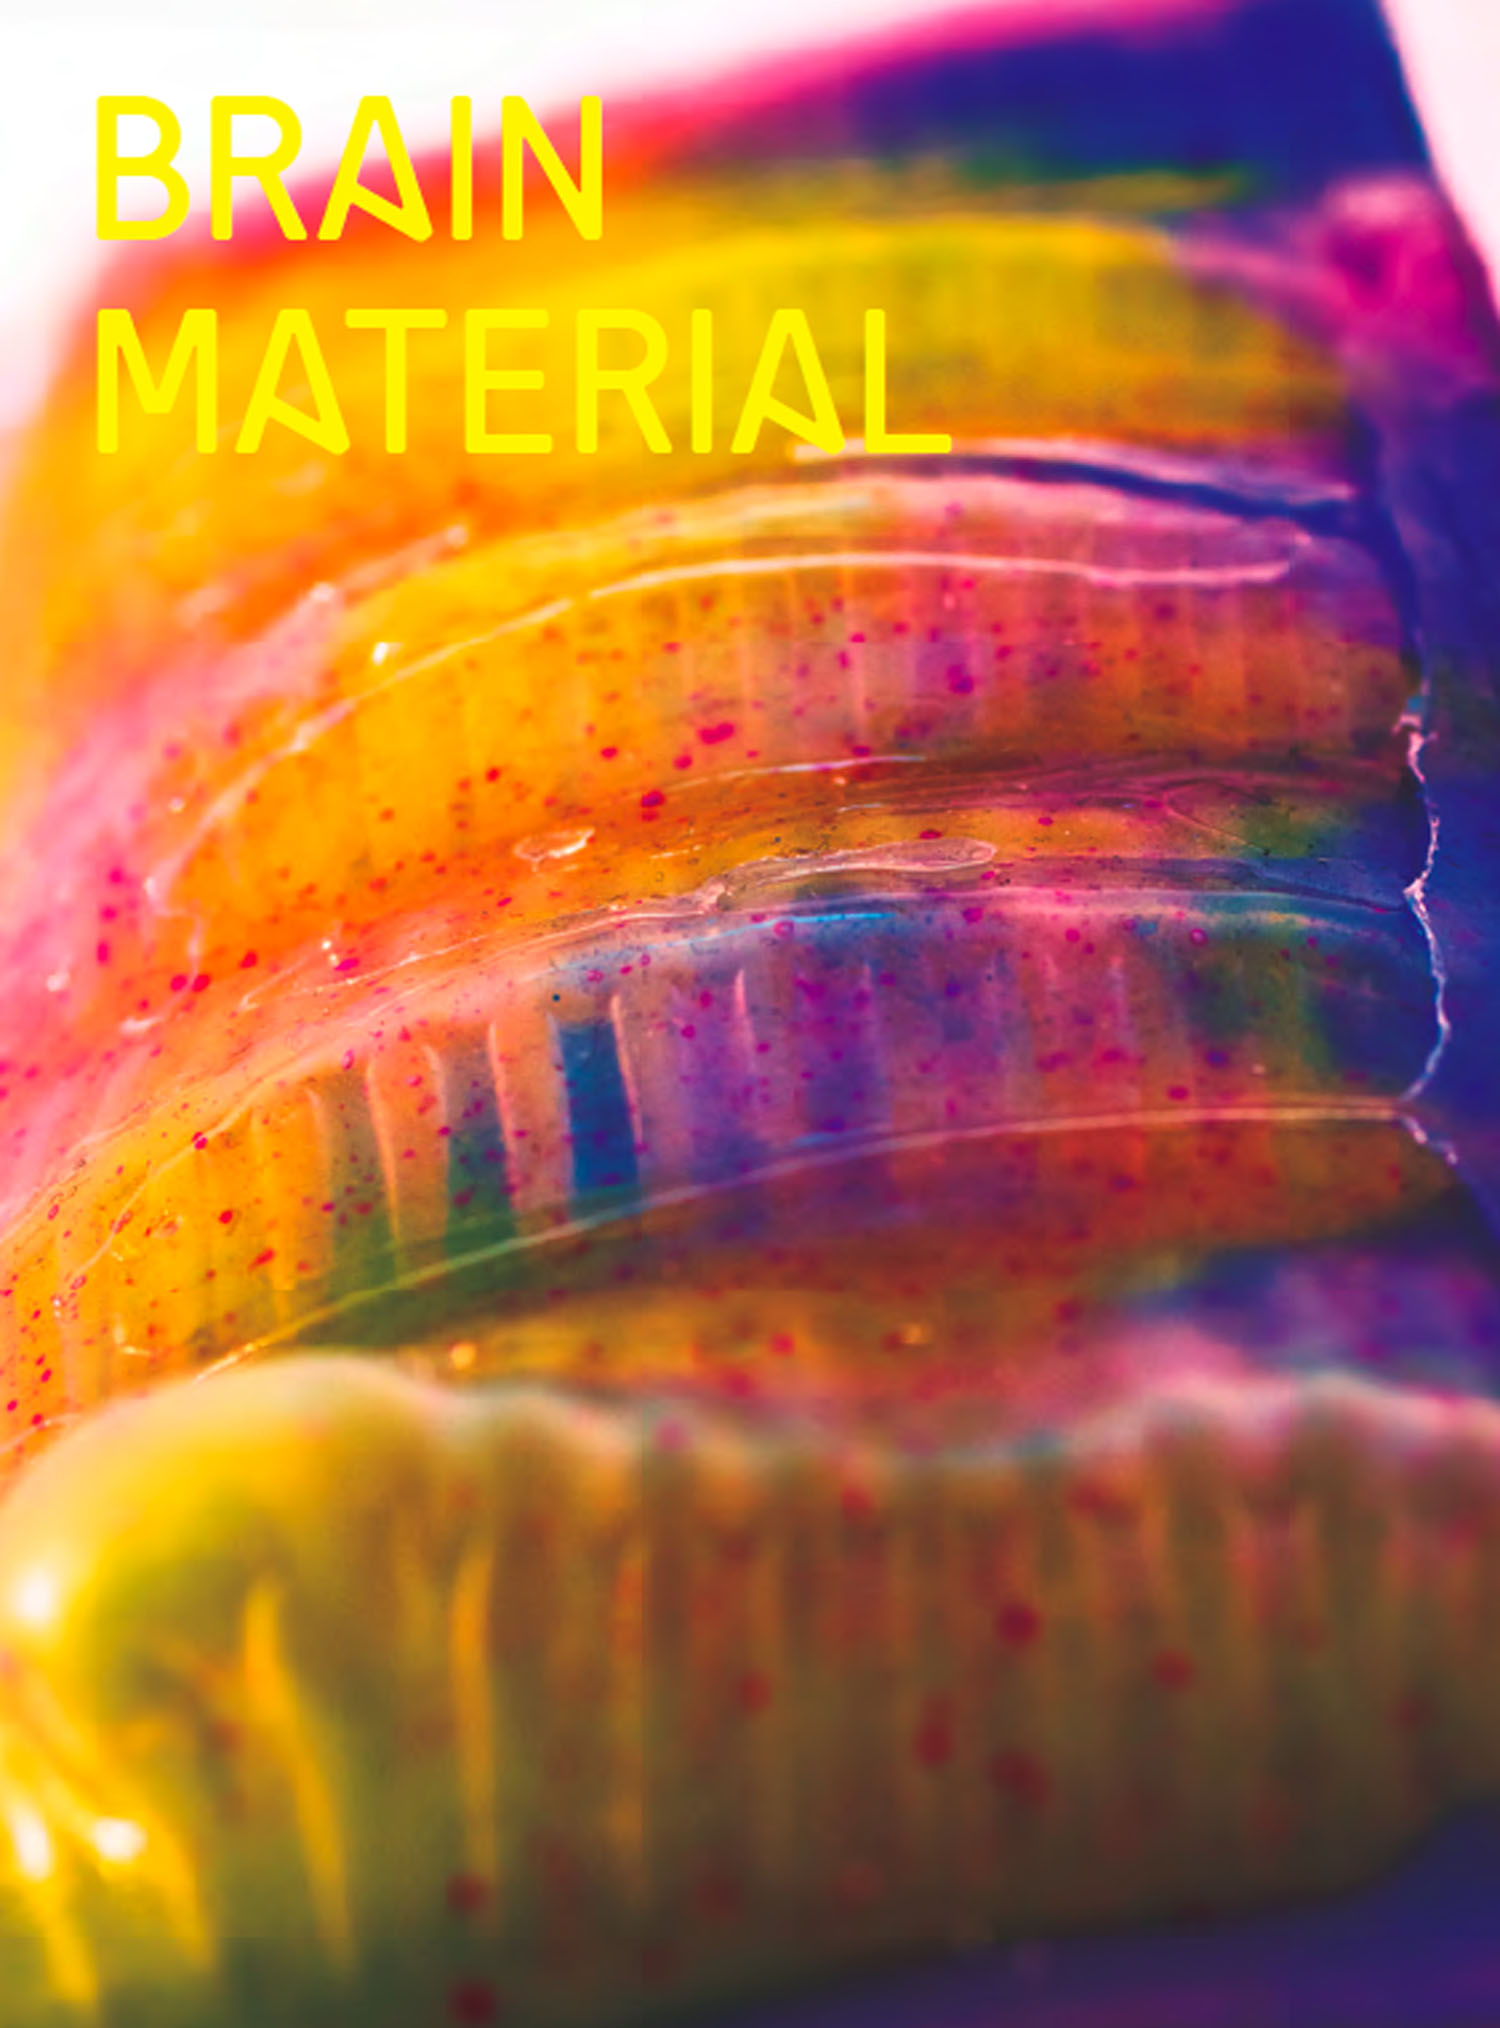 Brain Material.jpg